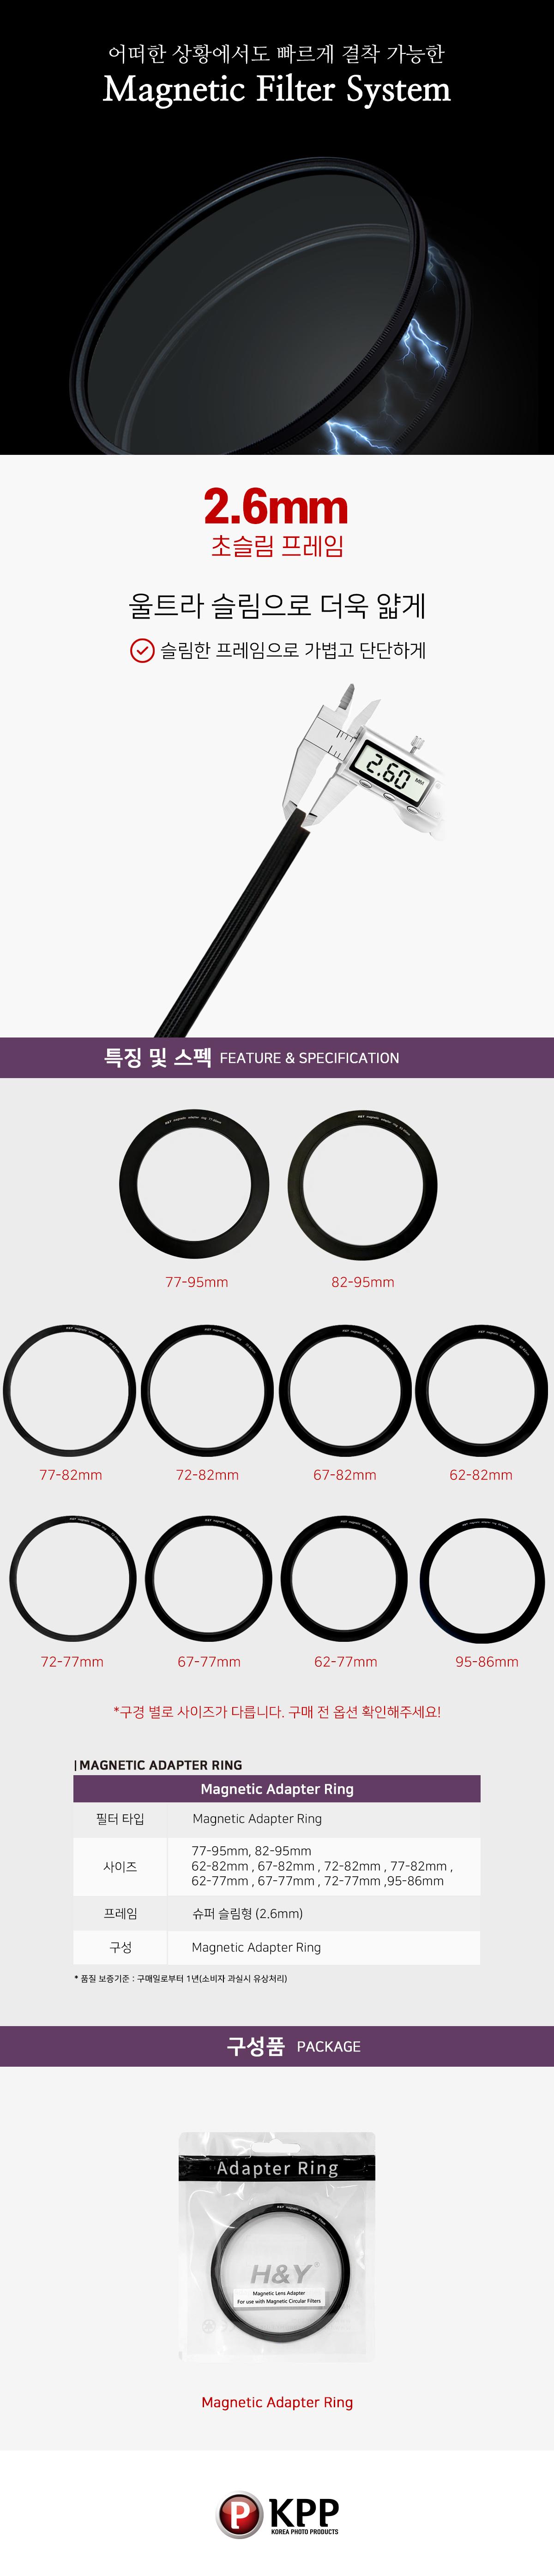 adapter_ring_02.jpg